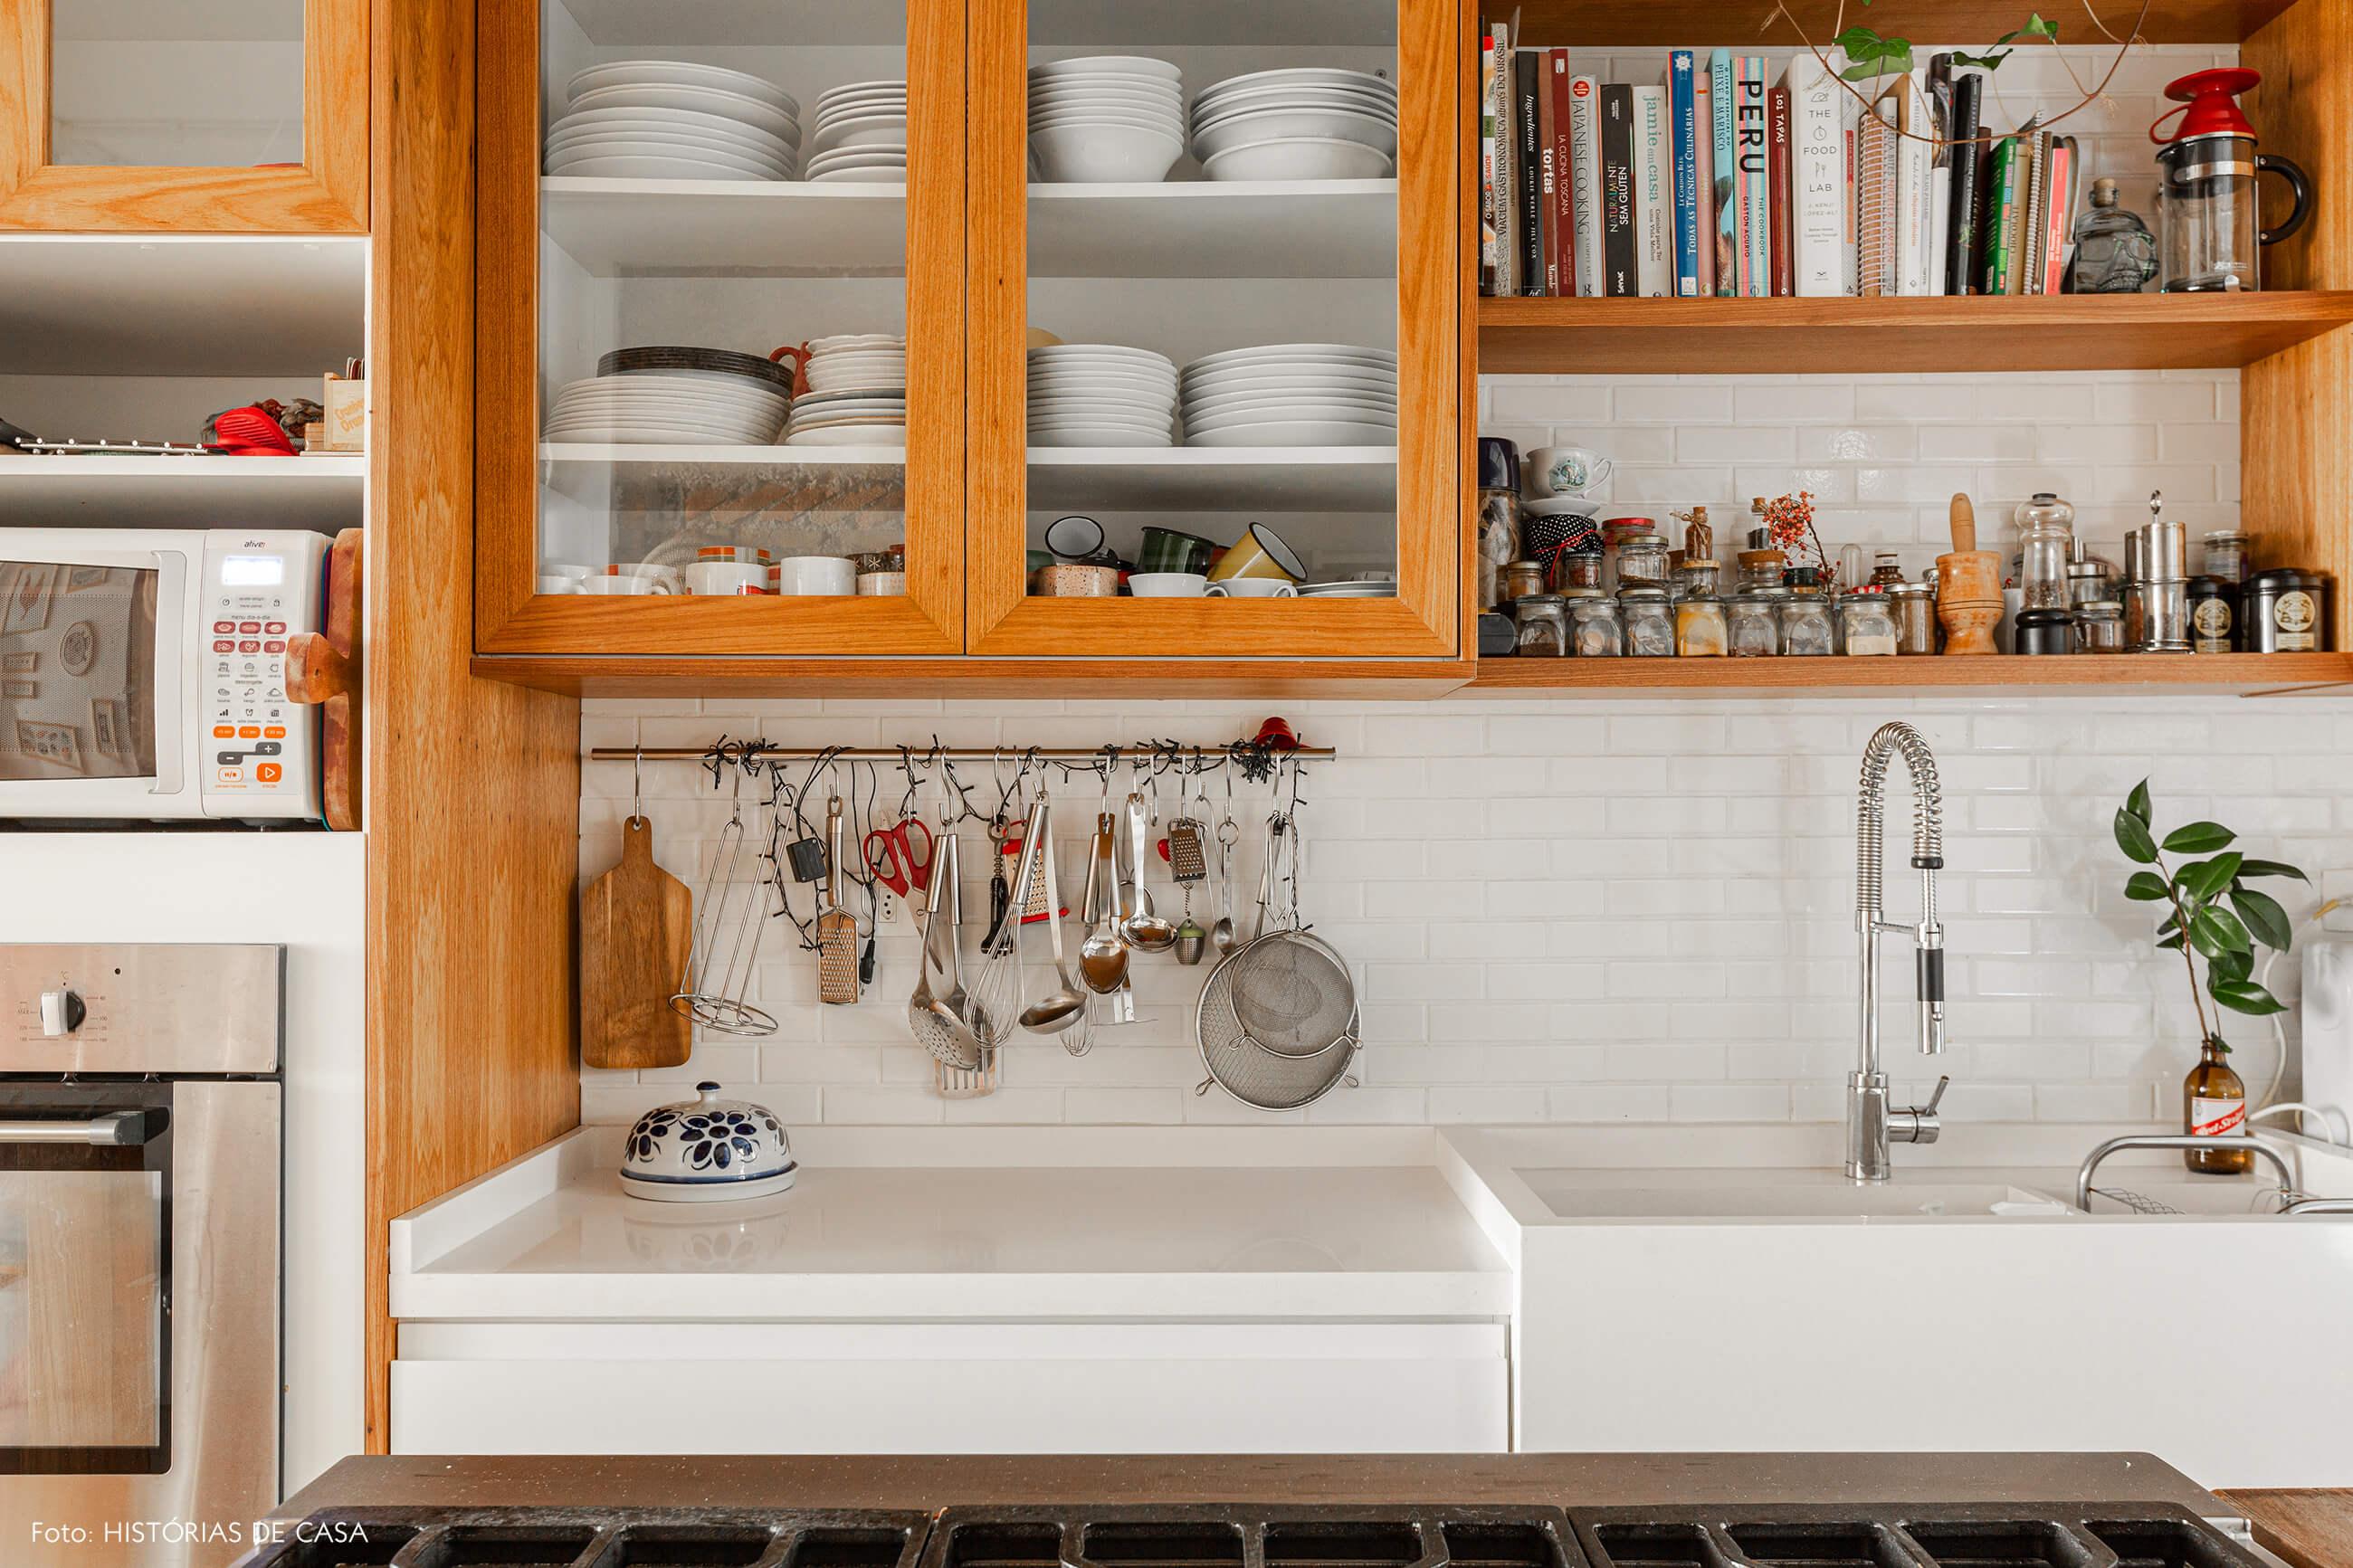 Apartamento térreo, cozinha com prateleiras abertas e portas de vidro